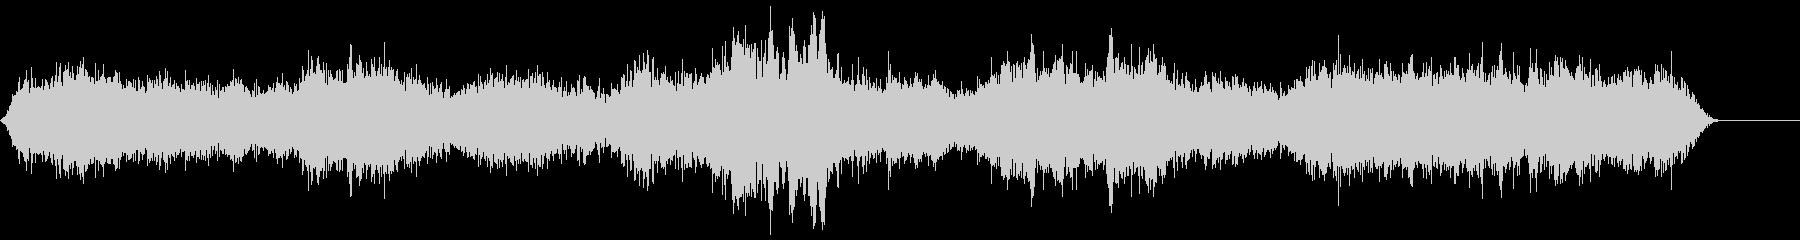 ゾンビ(グループ)うめき声5の未再生の波形